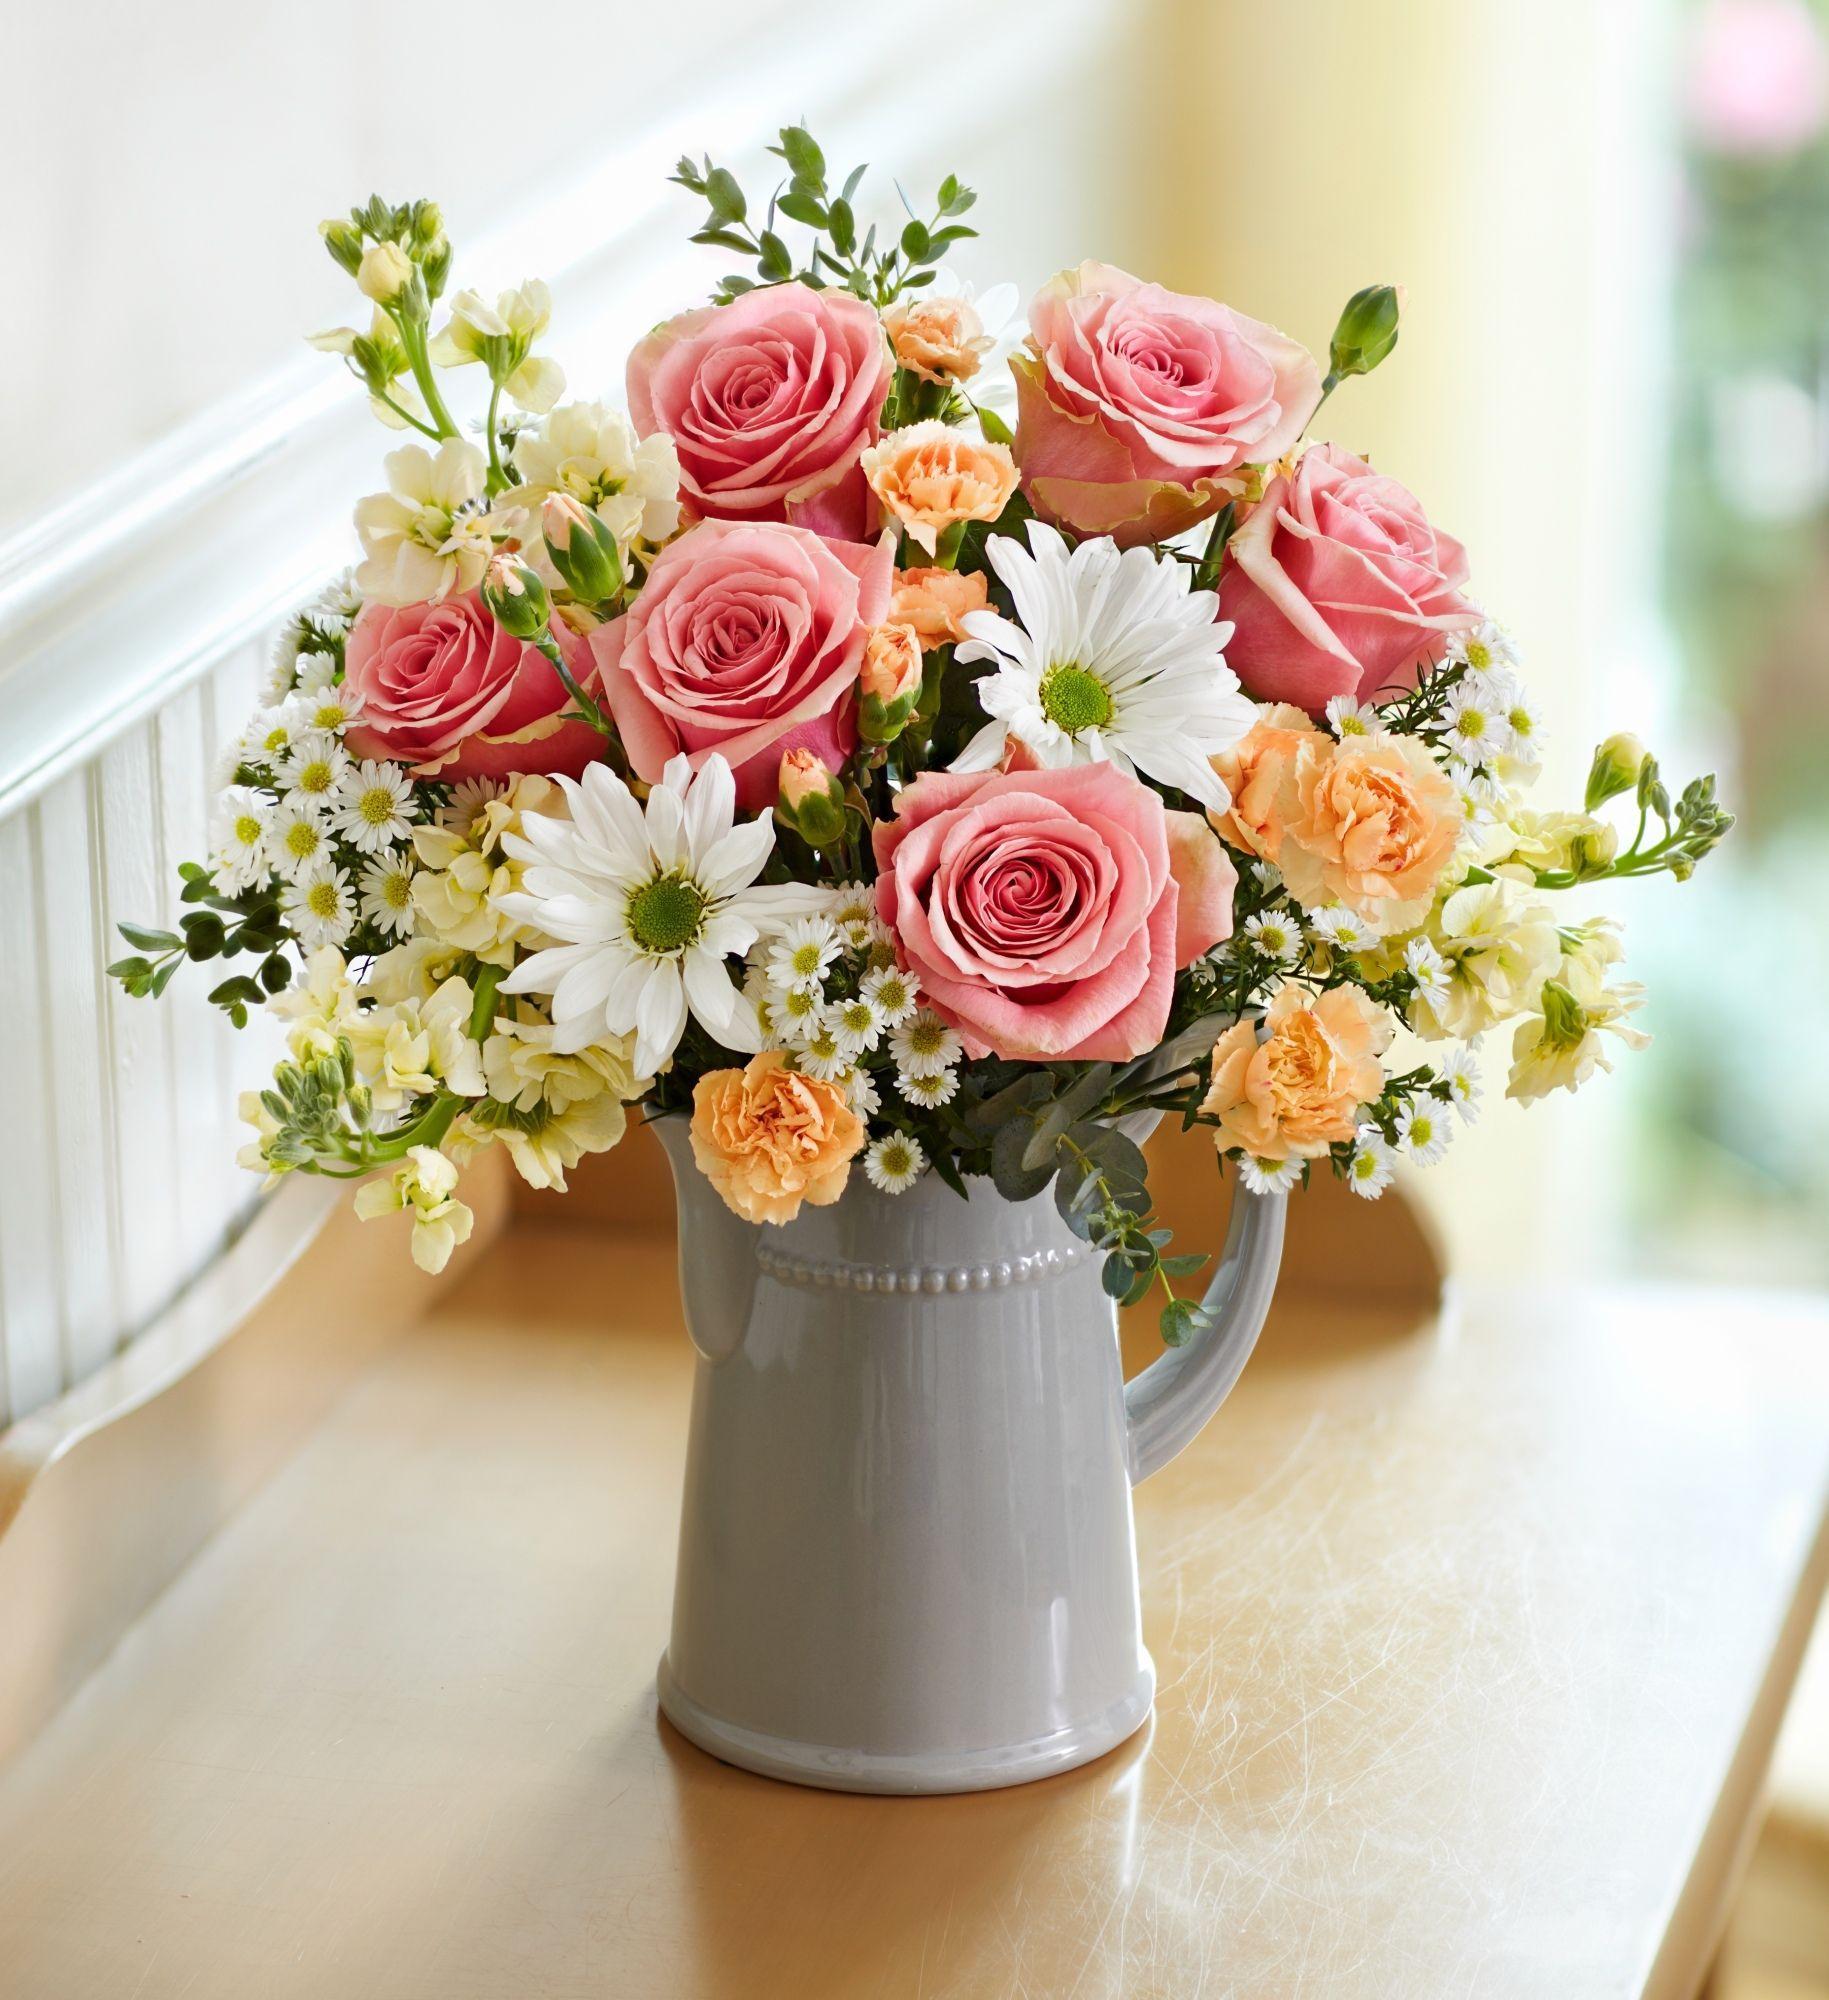 Flower Bouquets In 2020 Easter Flower Arrangements Birthday Flowers Arrangements Fresh Flowers Arrangements